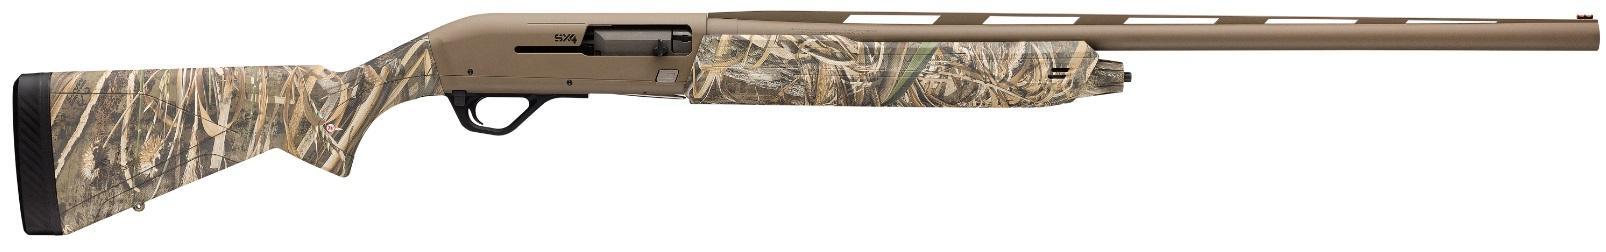 Winchester Guns 511234691 SX4 Hybrid Hunter 20 Gauge 26